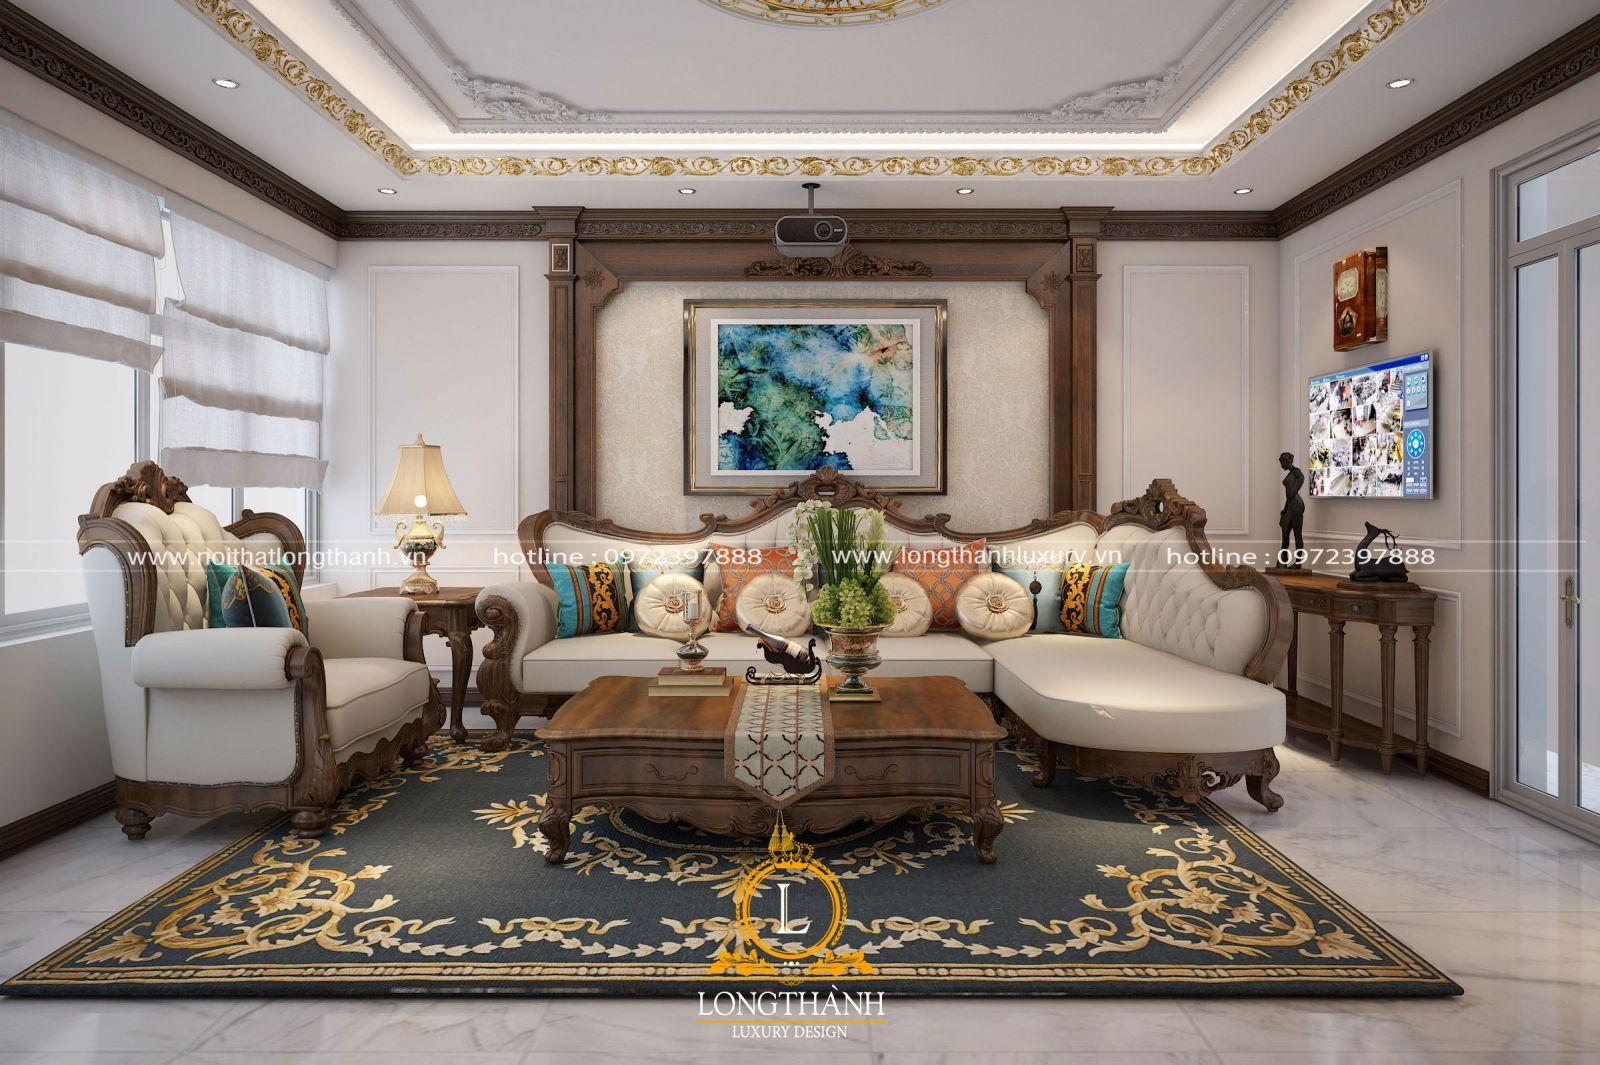 Sofa tân cổ điển luôn là điểm nhấn cho không gian phòng khách